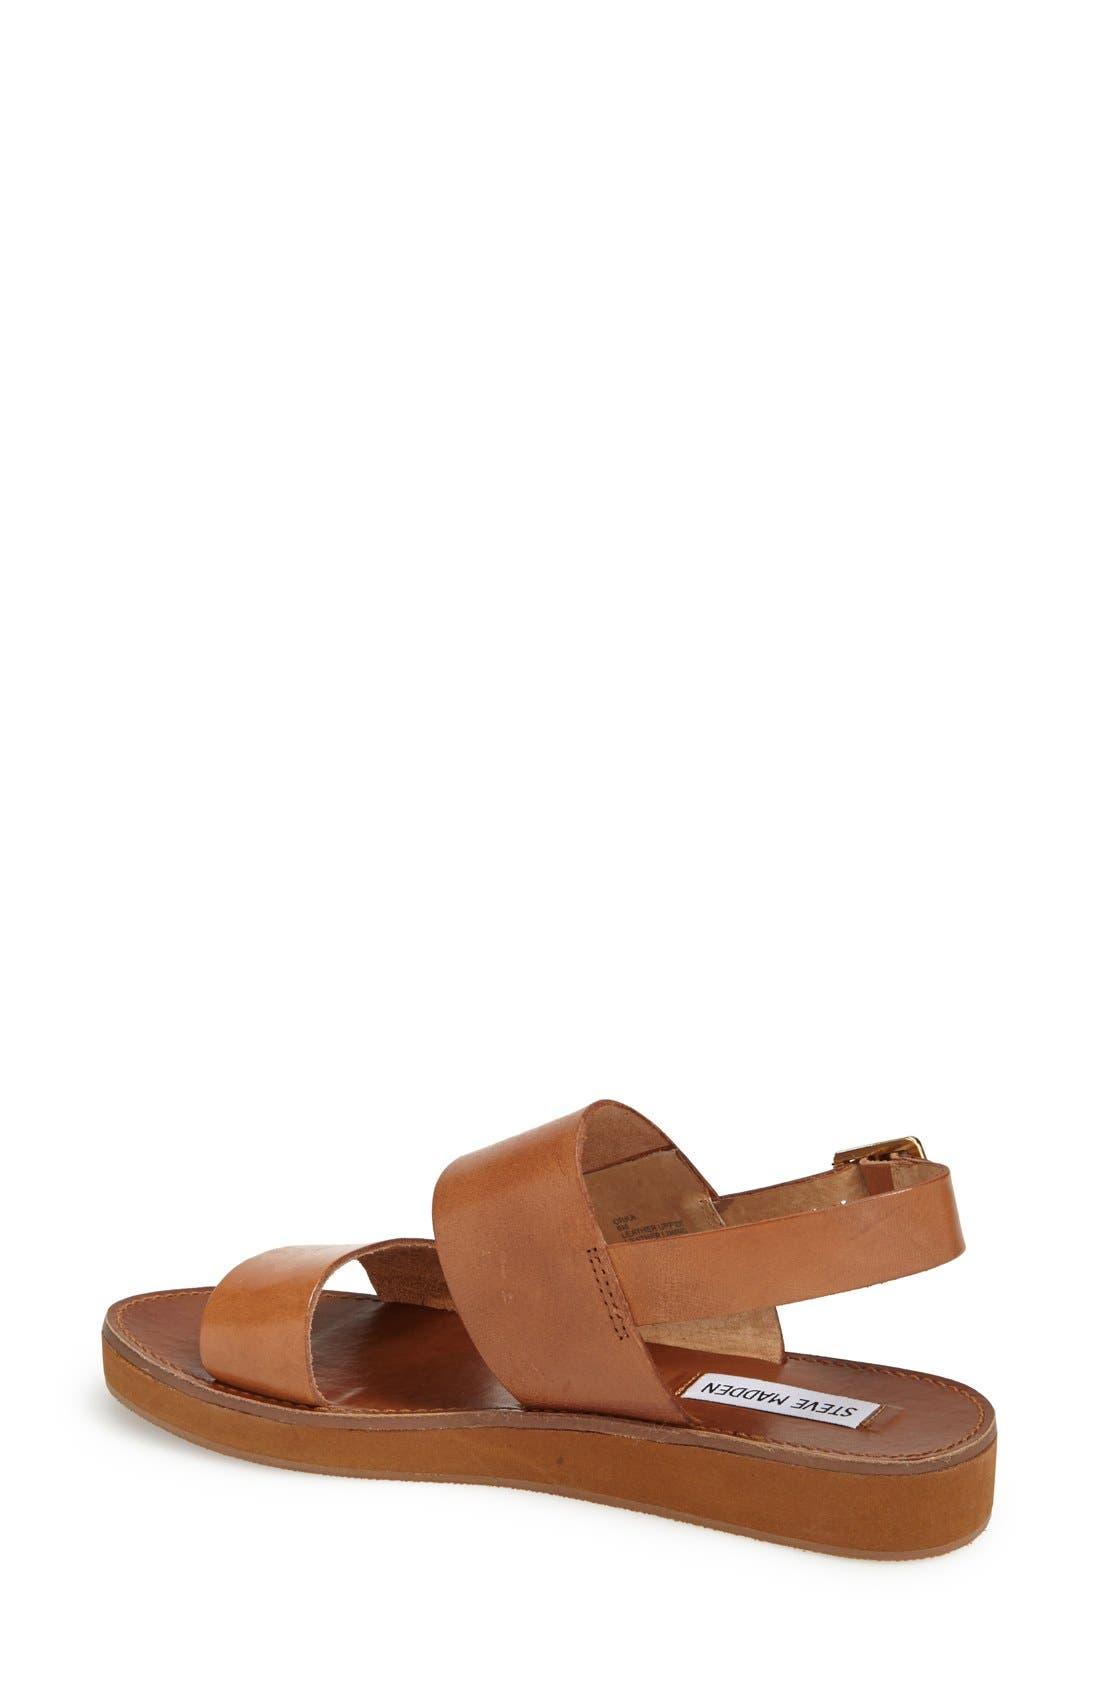 Alternate Image 2  - Steve Madden 'Orka' Ankle Strap Sandal (Women)